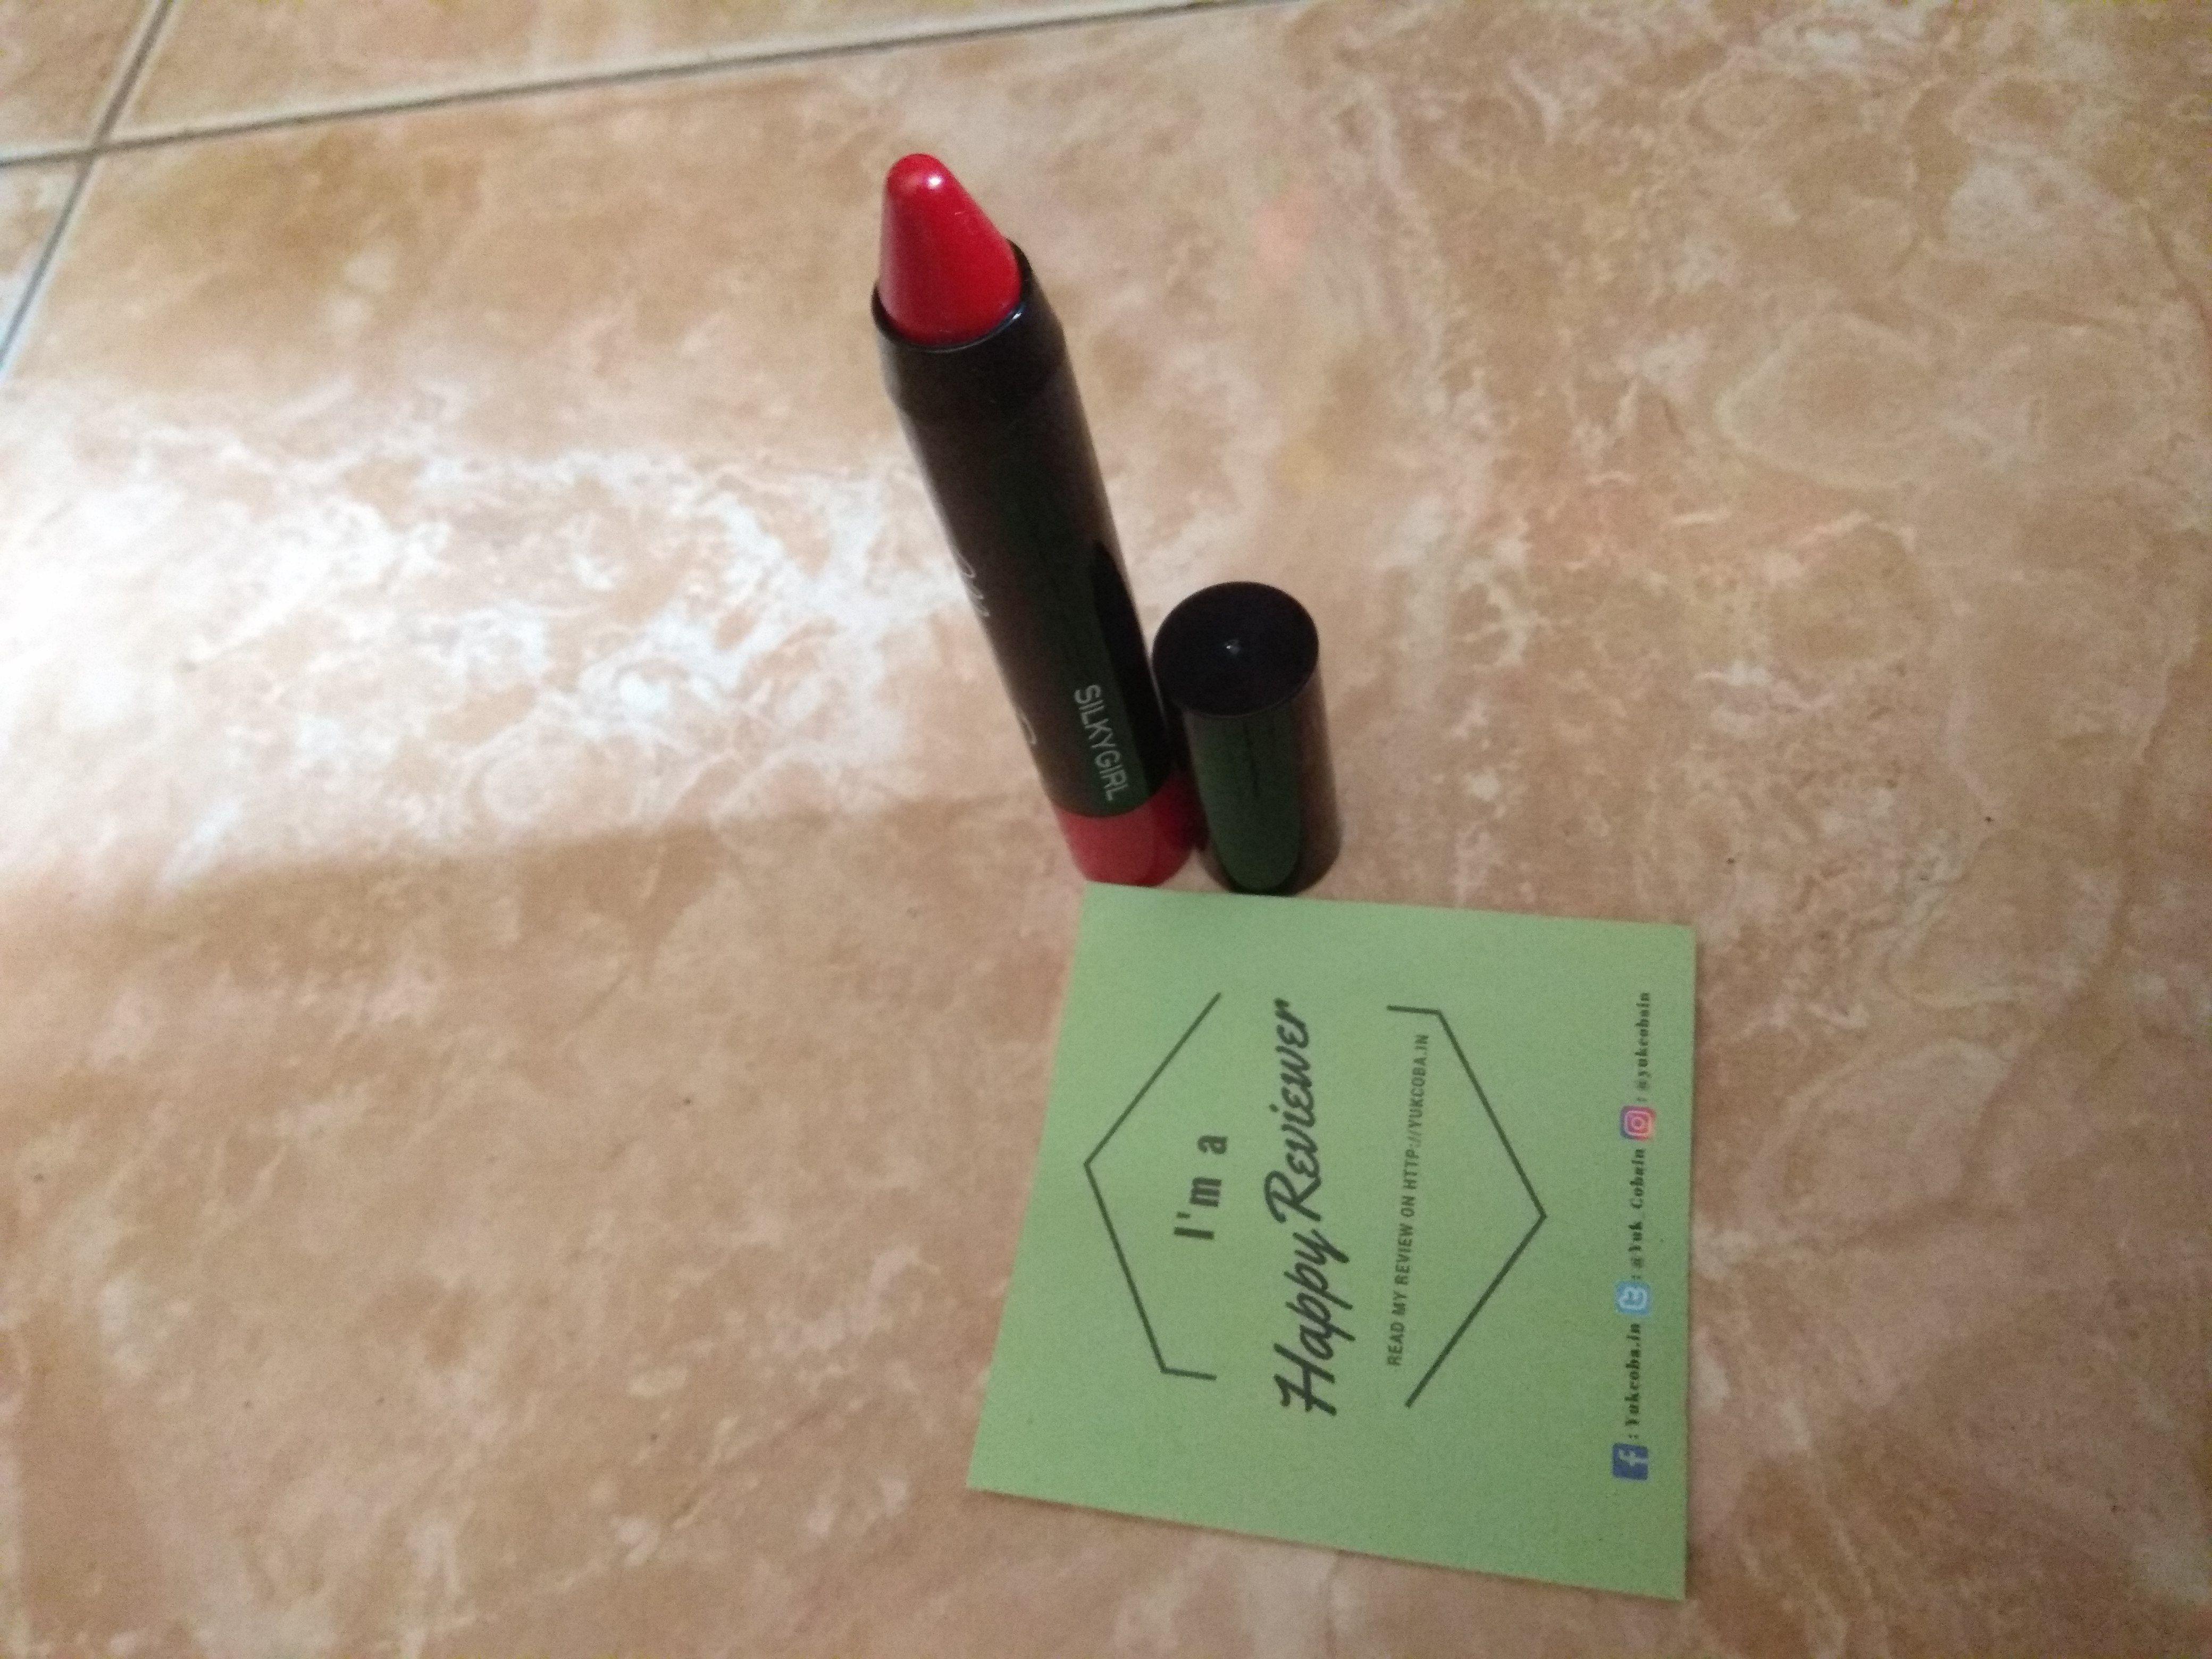 gambar review ke-2 untuk SILKY GIRL Moisture Boost Lipcolor Balm